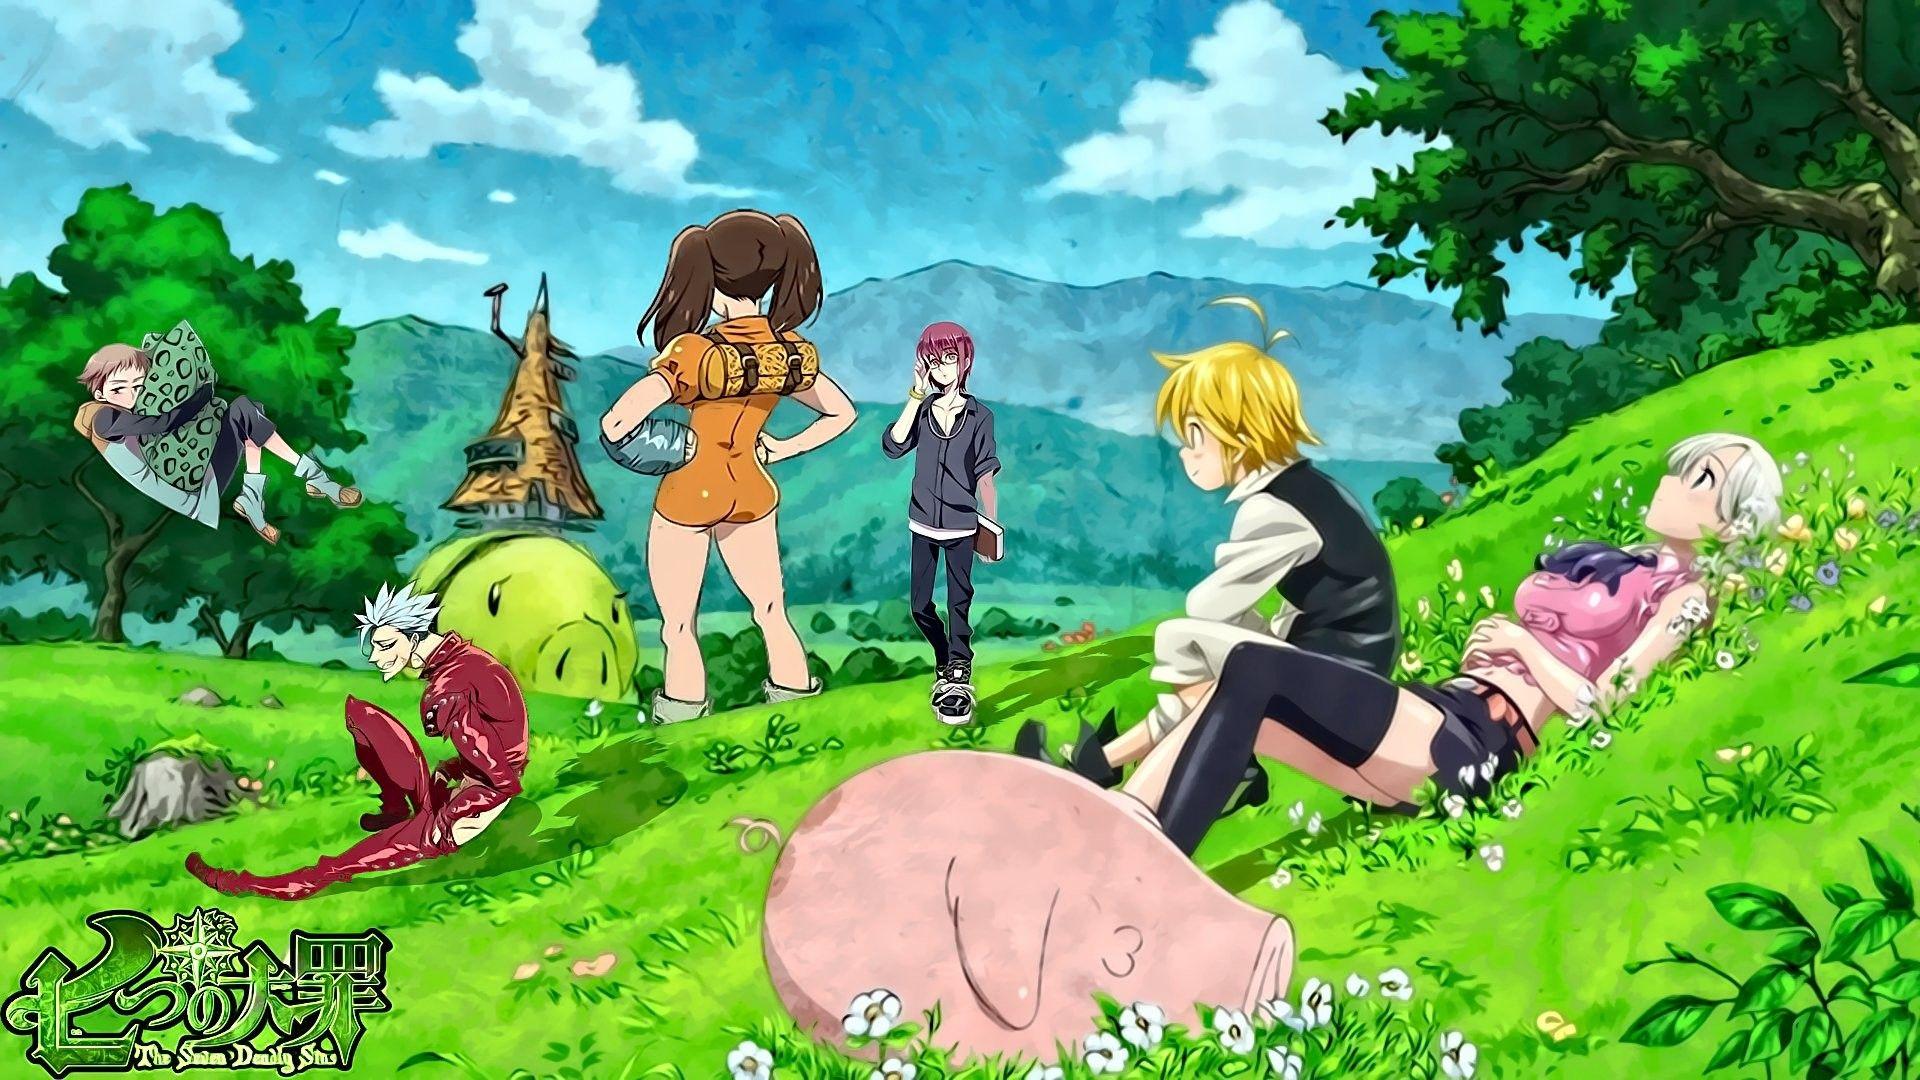 Seven Deadly Sins Wallpaper Google Search Hd Anime Wallpapers Anime Wallpaper Anime Download wallpaper anime nanatsu no